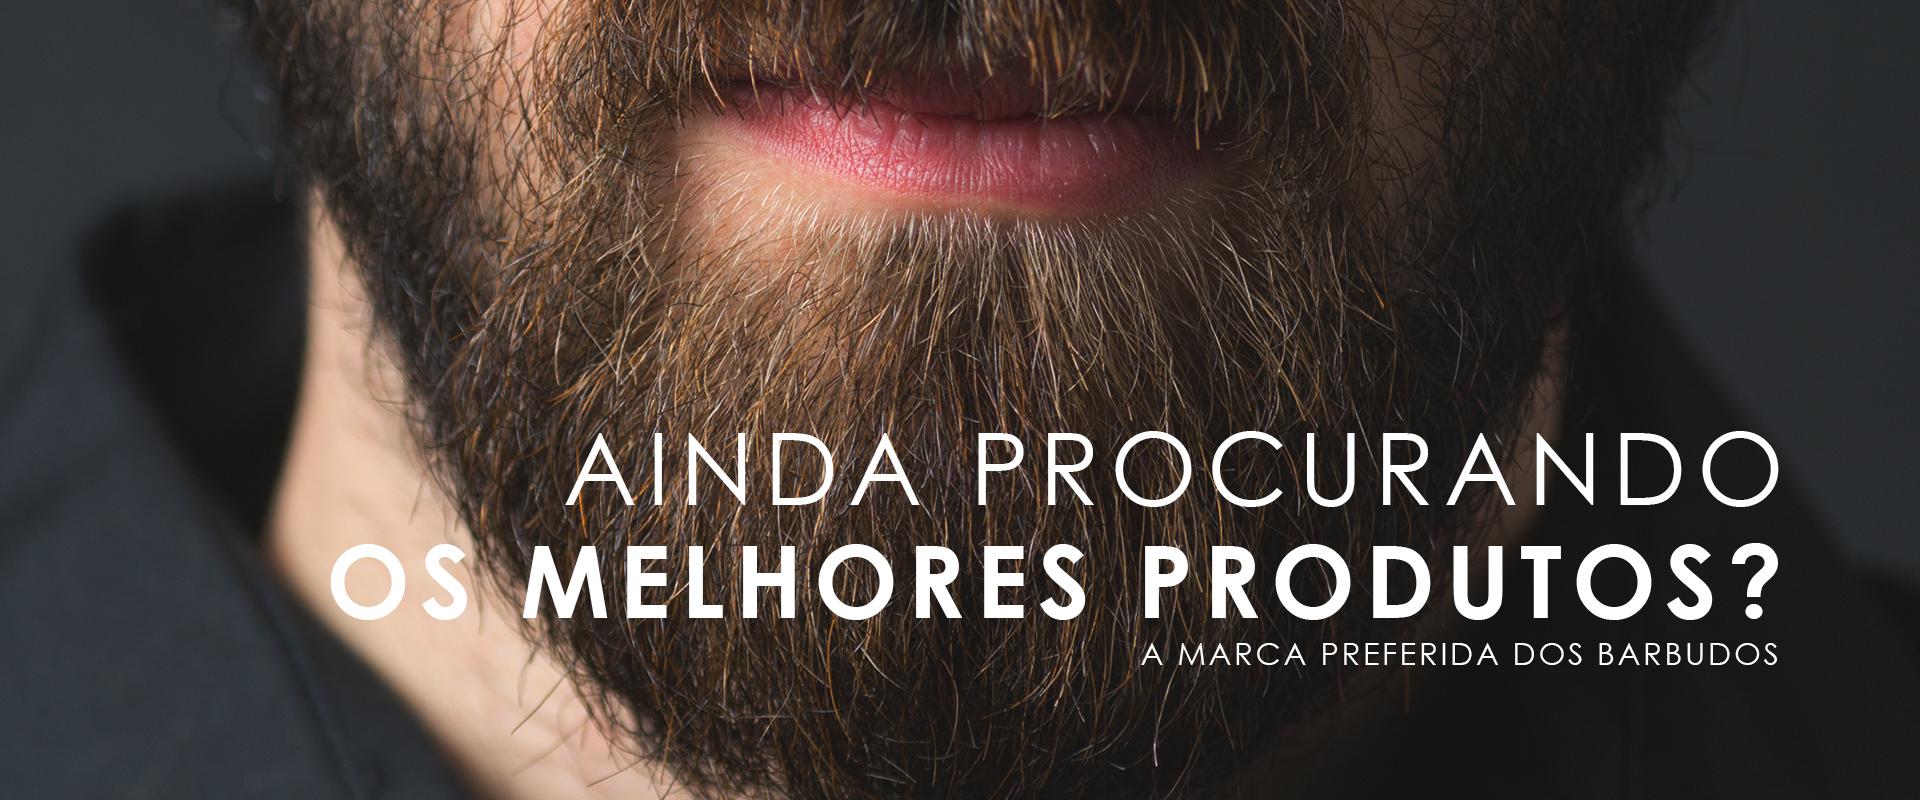 Produtos e kits de barba e barbear